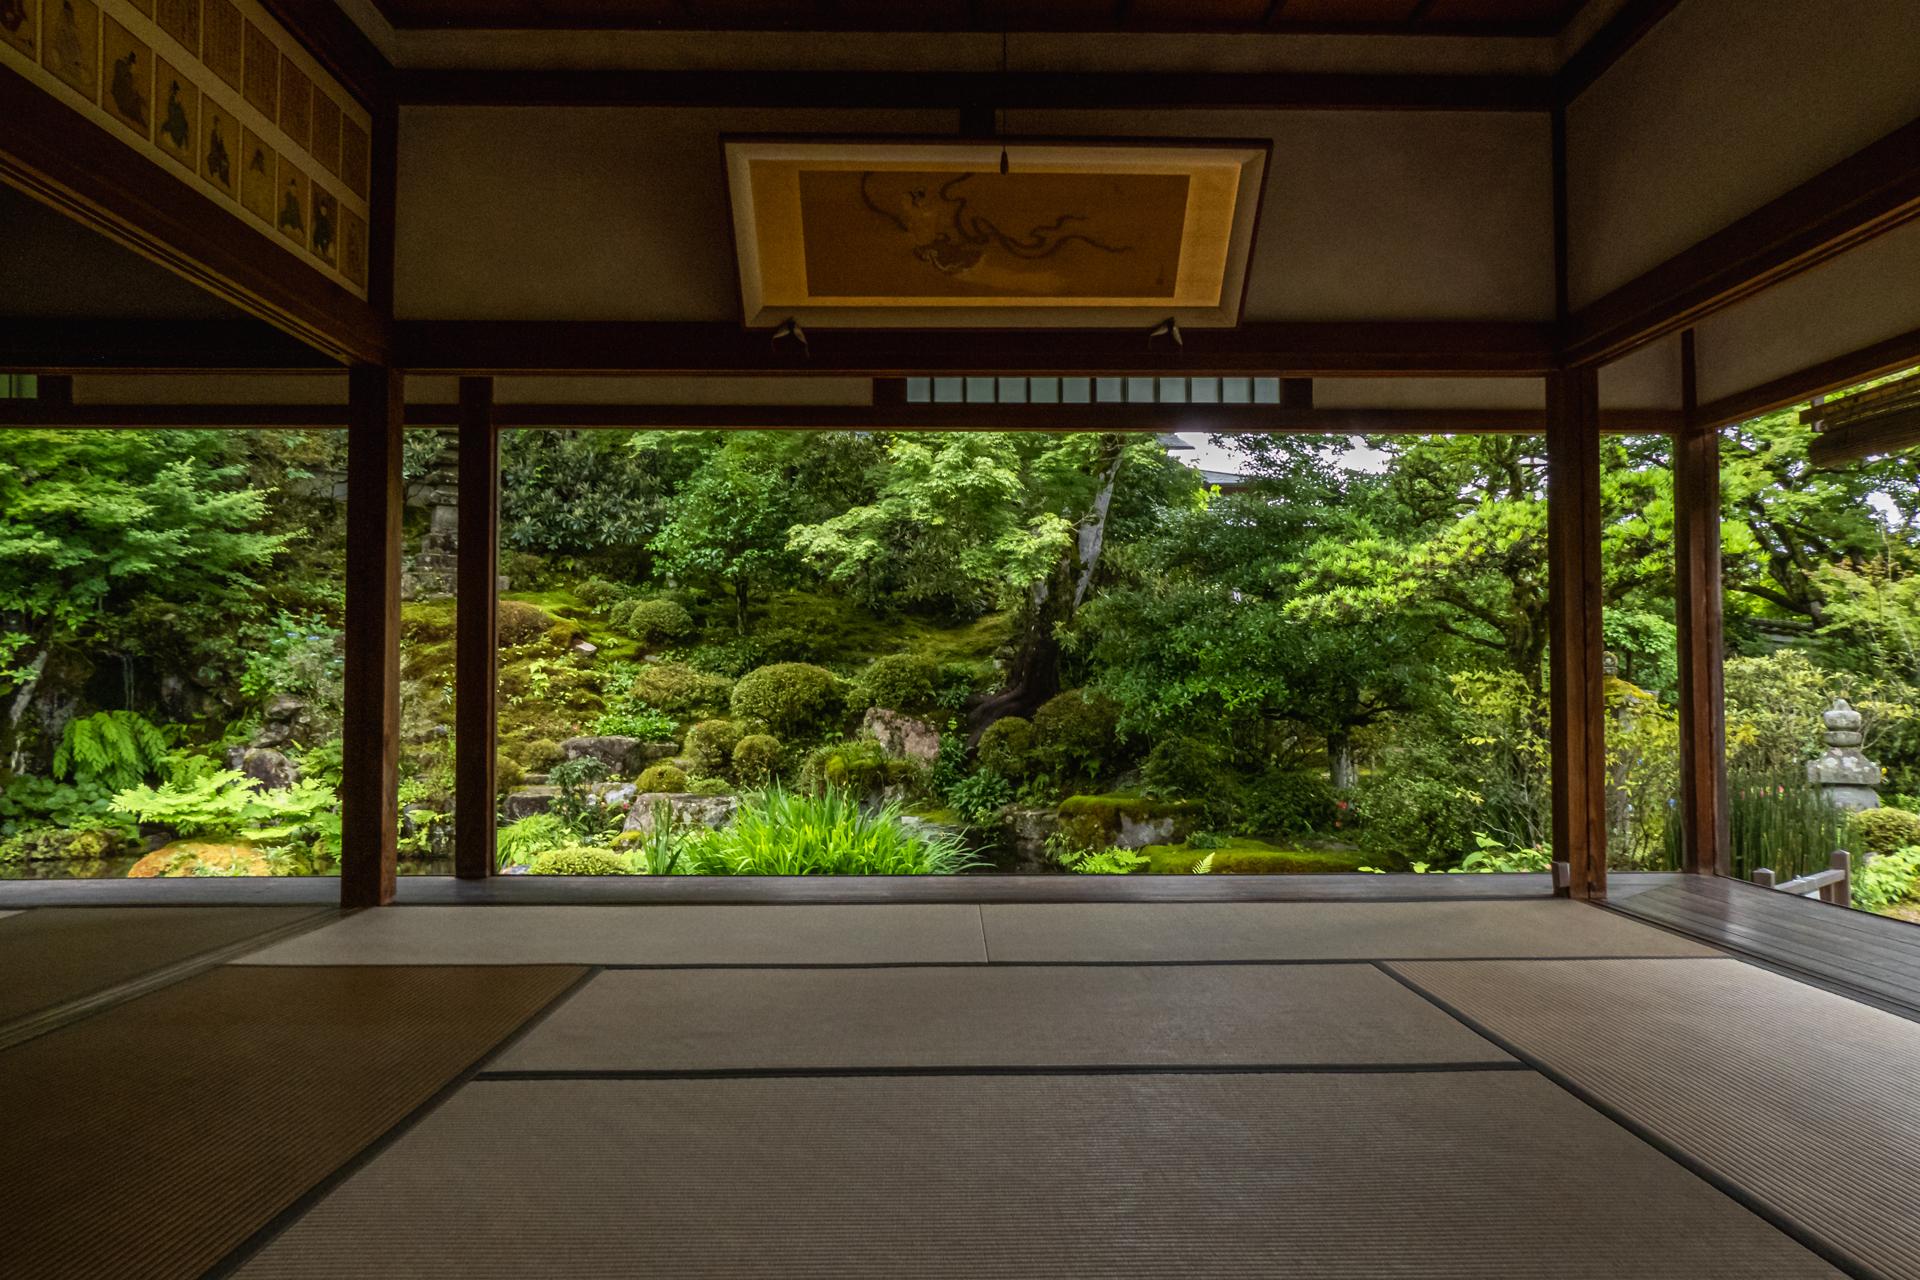 P1001501 京都府 実光院(夏の花が美しく咲く大原のおすすめスポット!写真の紹介、アクセス情報など)